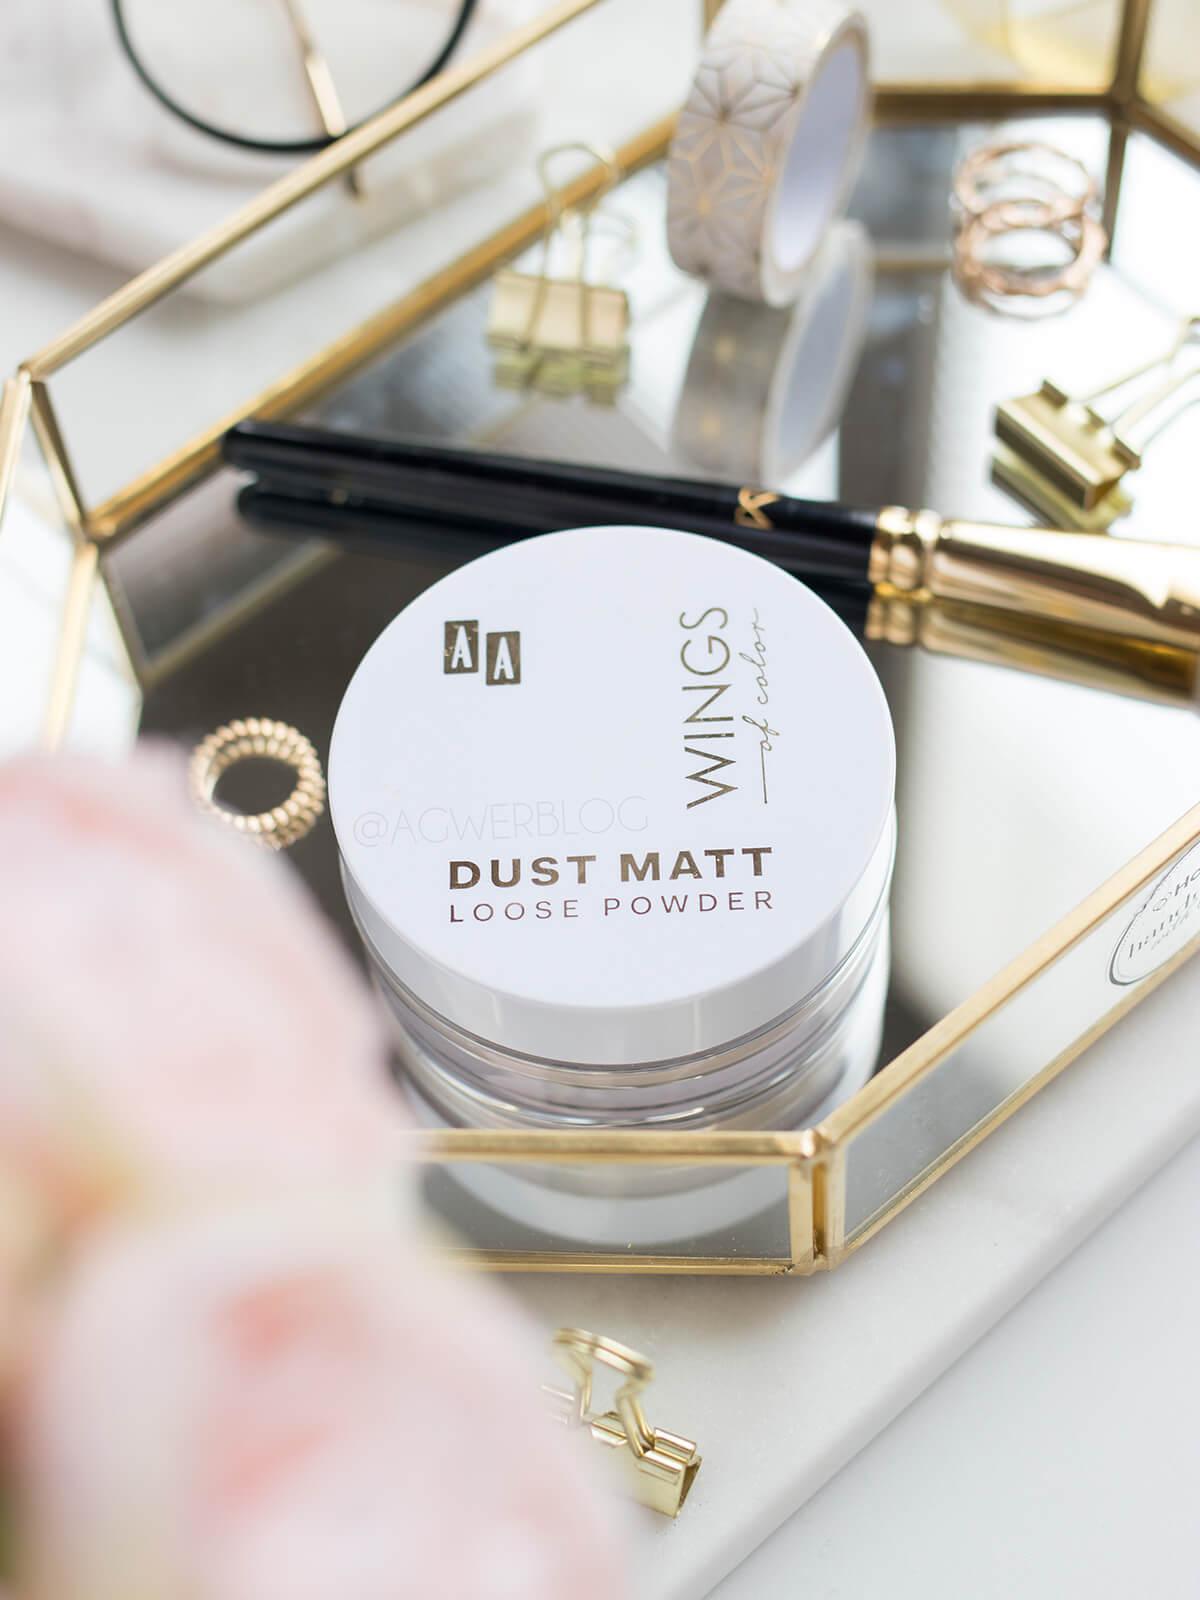 AA Dust Matt Loose Powder recenzja